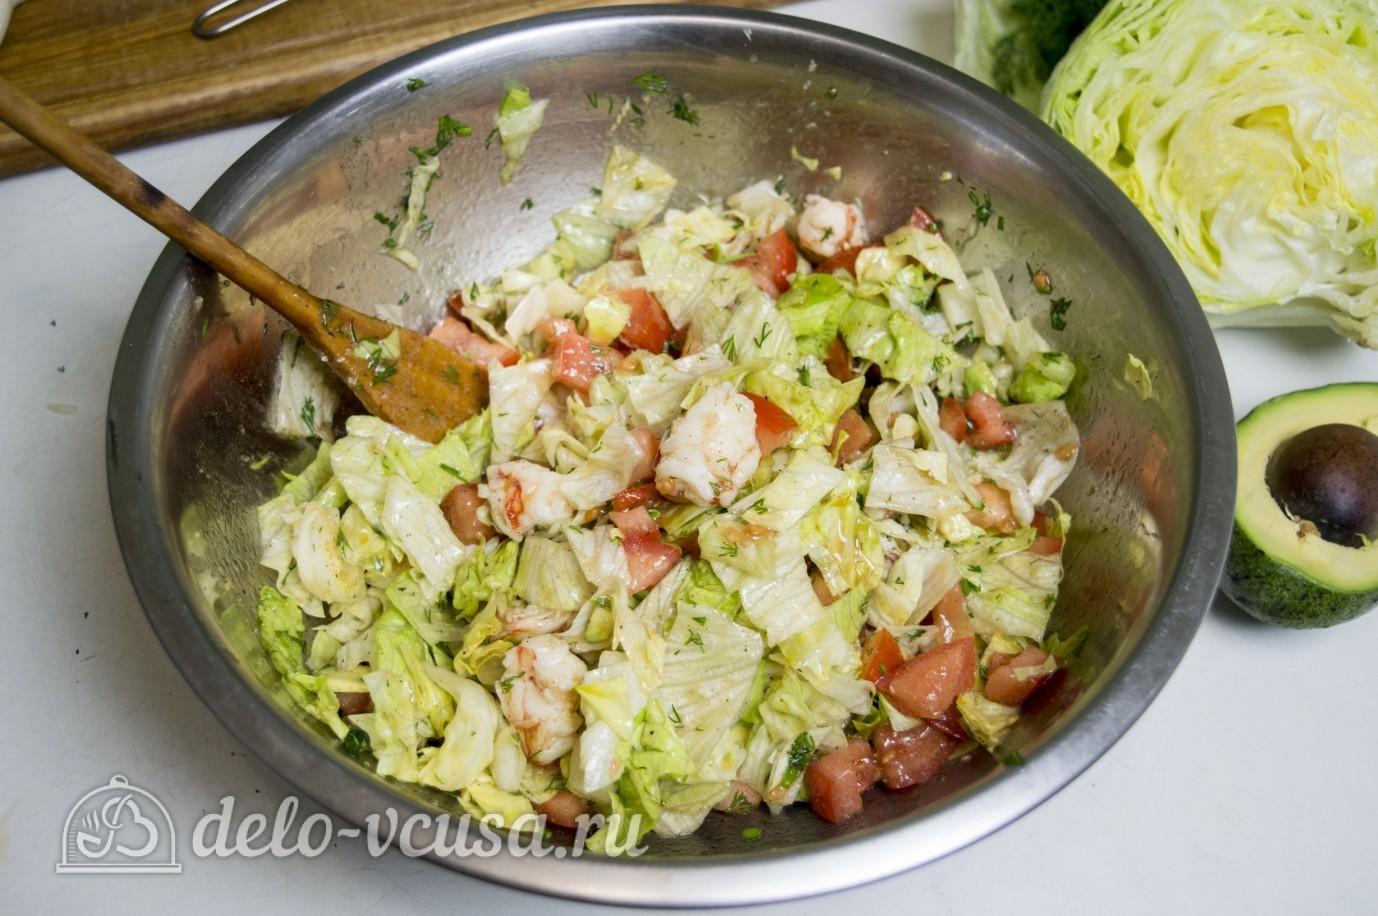 Салат с креветками и авокадо: Все хорошо перемешать